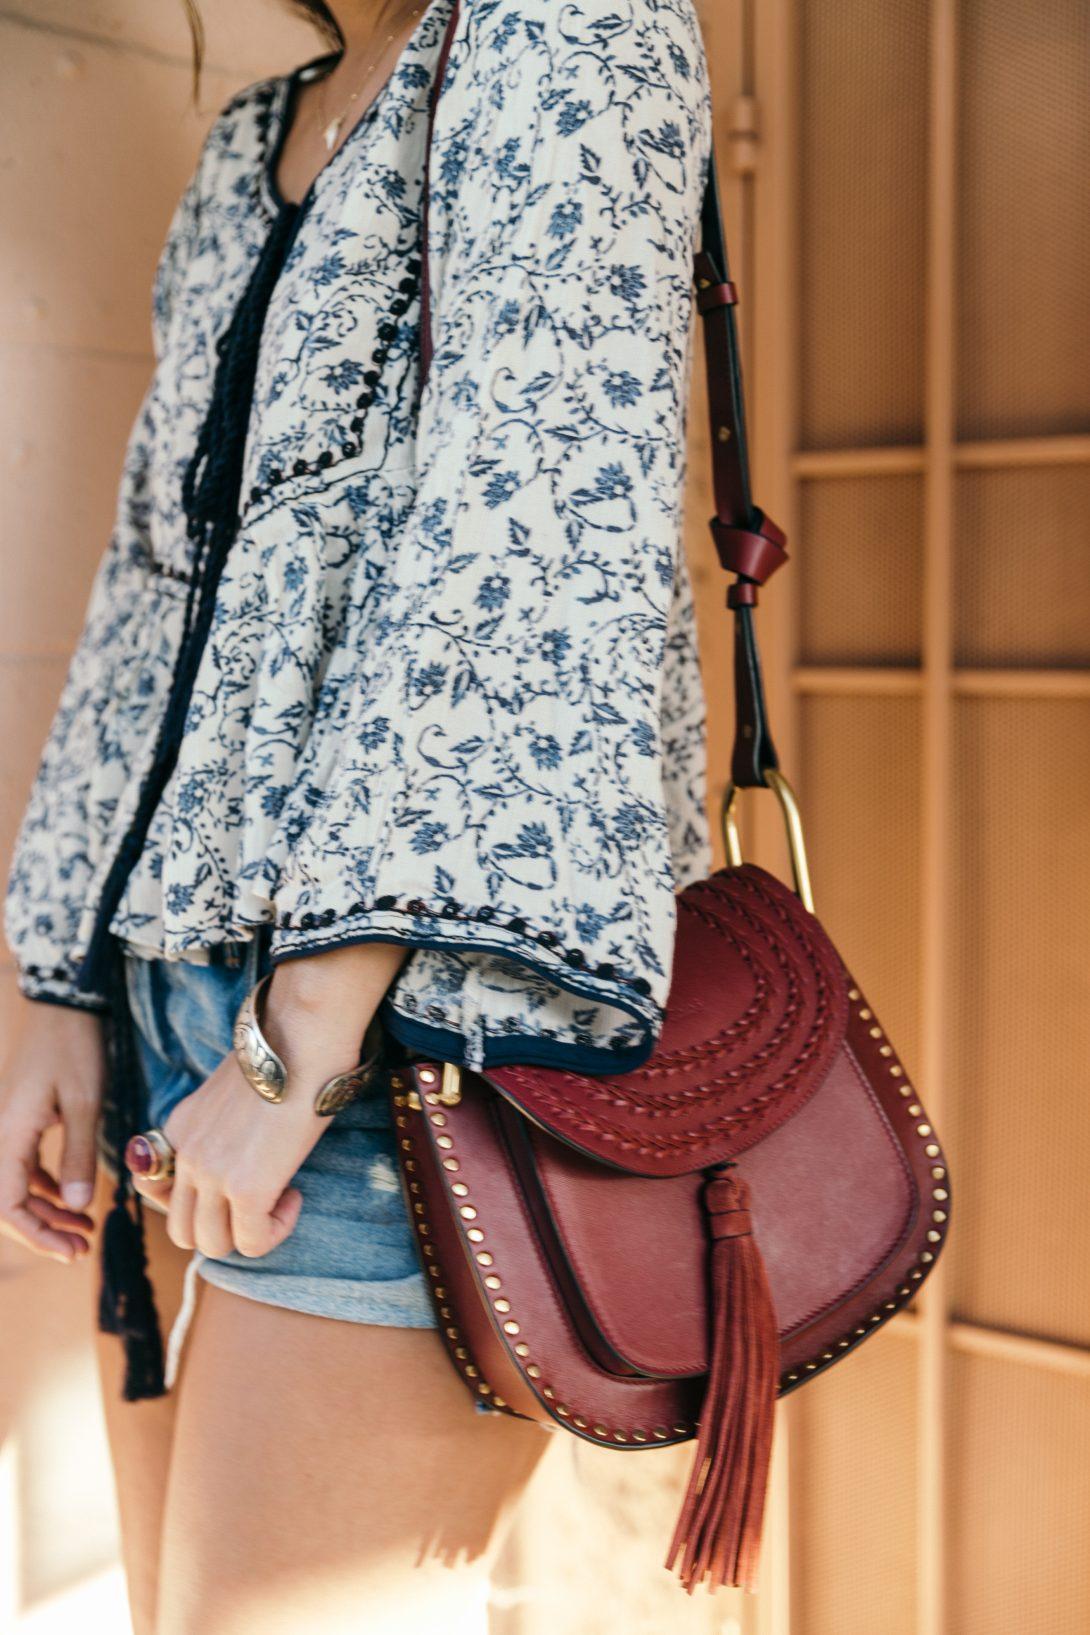 Boho_Top-GRFRND_Jeans-Chloe_Hudson_Bag-Espadrilles-Los_Angeles-Outfit-Collage_Vintage--43